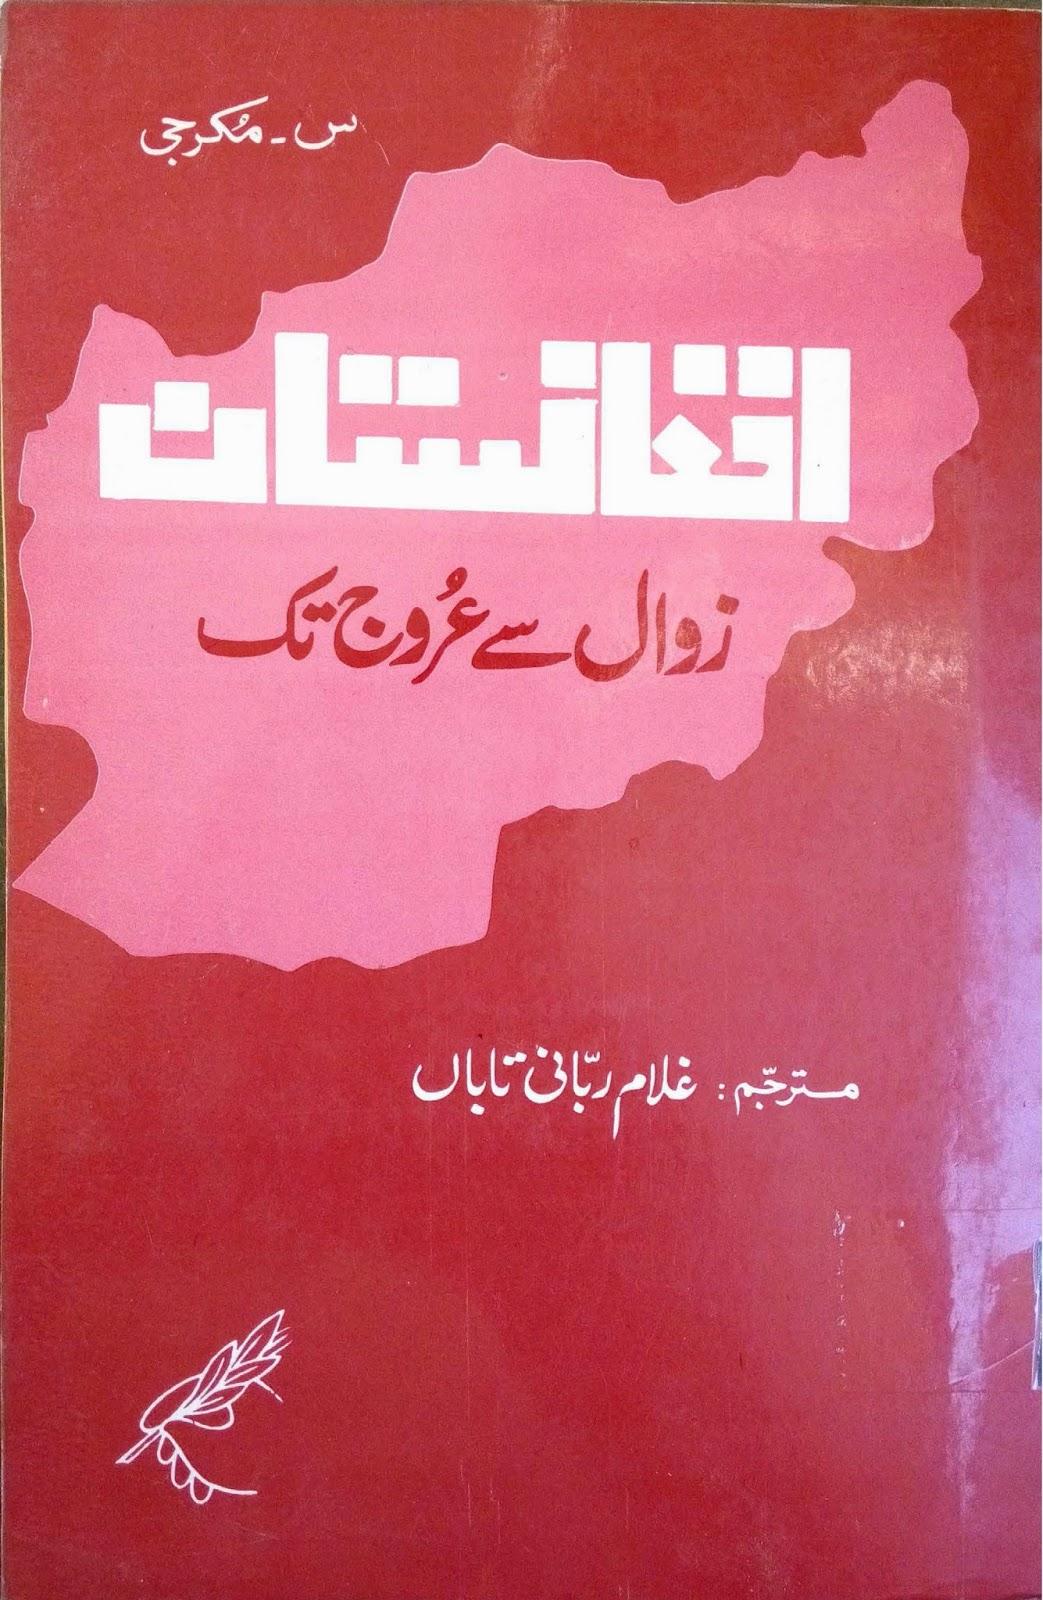 Cover: Afghanistan Zawaal sy Urooj tak By Sadhan Mukherjee in Urdu